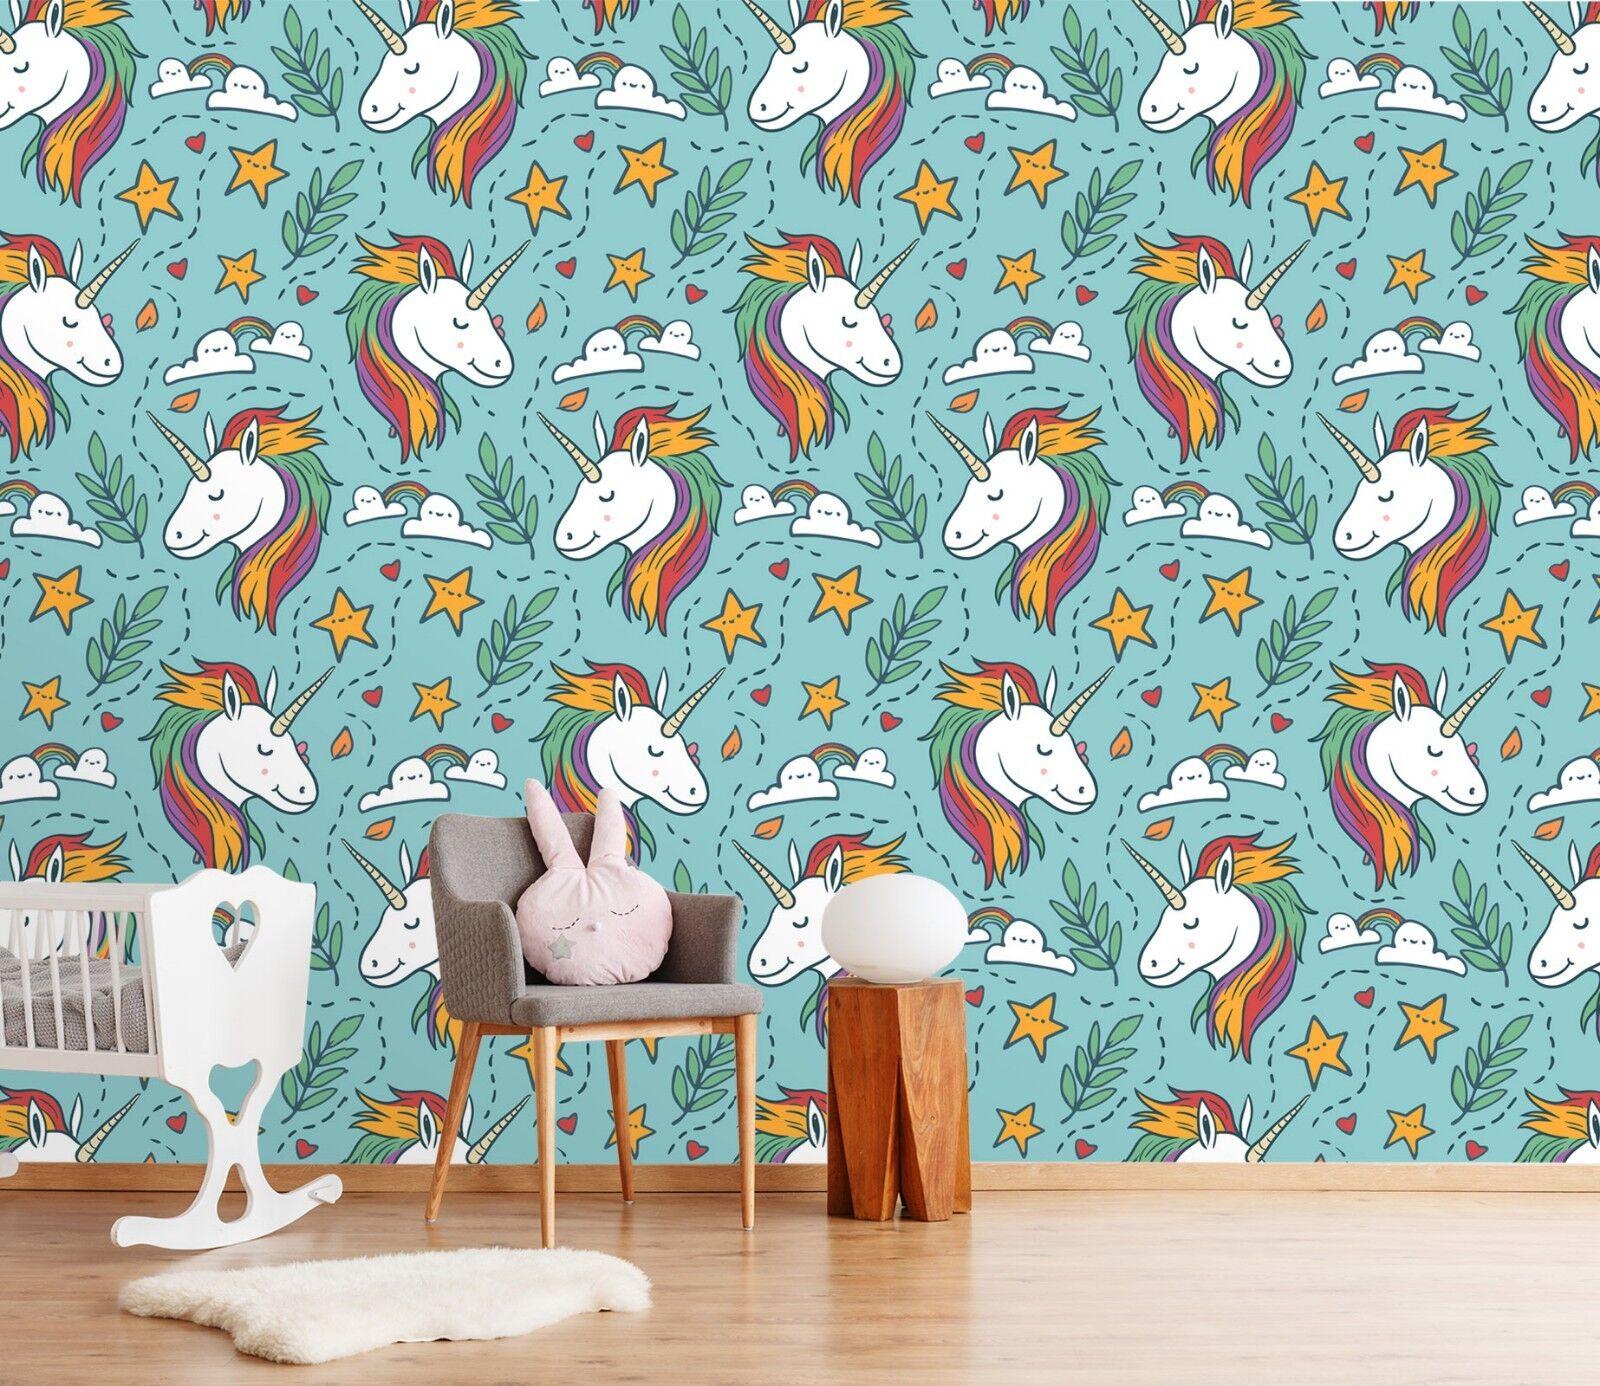 3D Einhorn Regenbogen 3 Tapete Wandgemälde Tapete Tapeten Familie Kinde DE Lemon